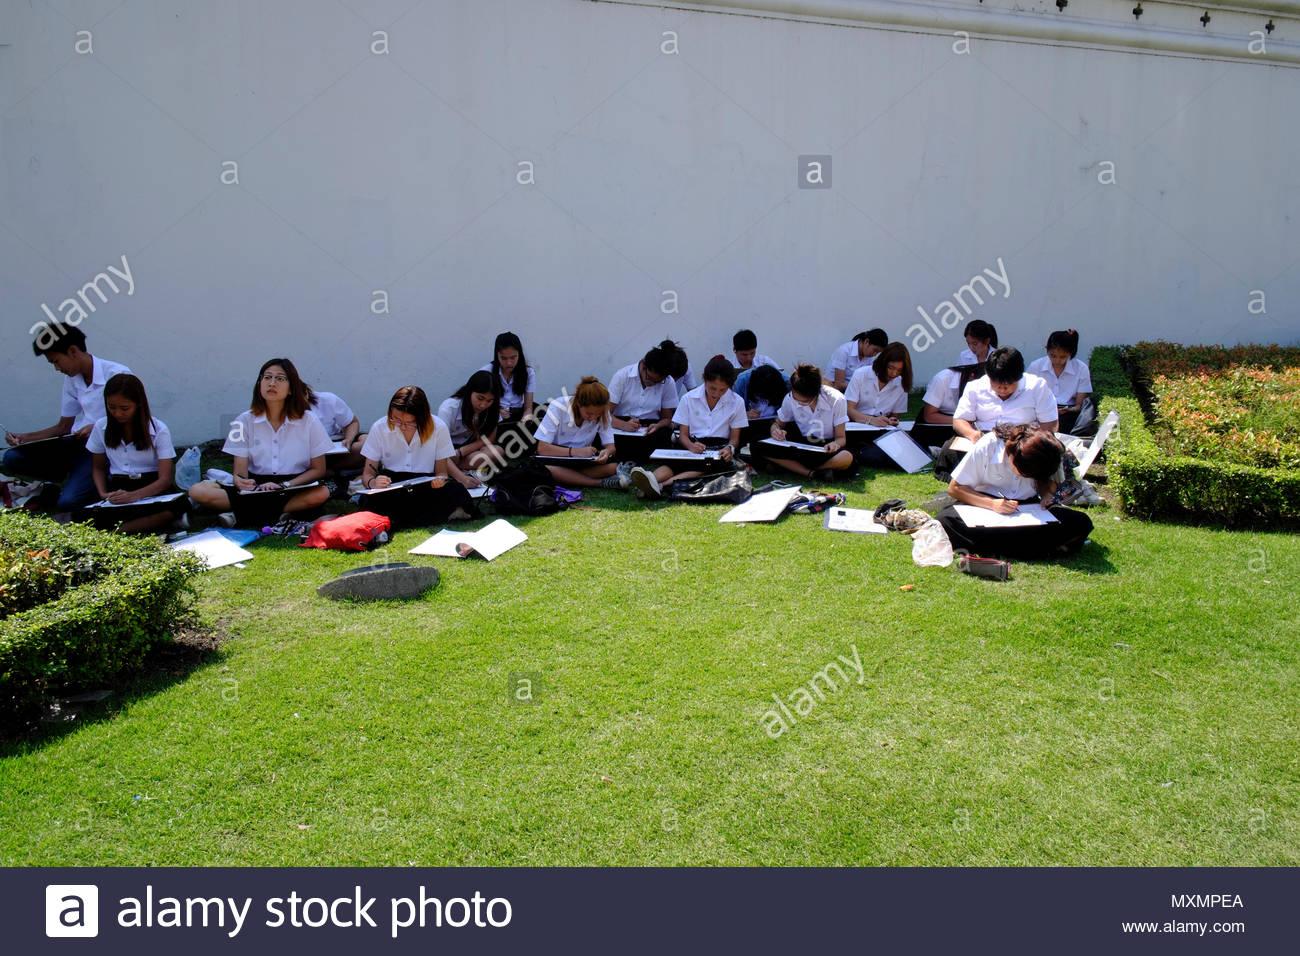 Asien, Thailand, Bangkok, Schülergruppe zeichnen auf einer Wiese im Freien vor dem Königspalast *** Local Caption ***  16 - 18 years, education, outsi - Stock Image